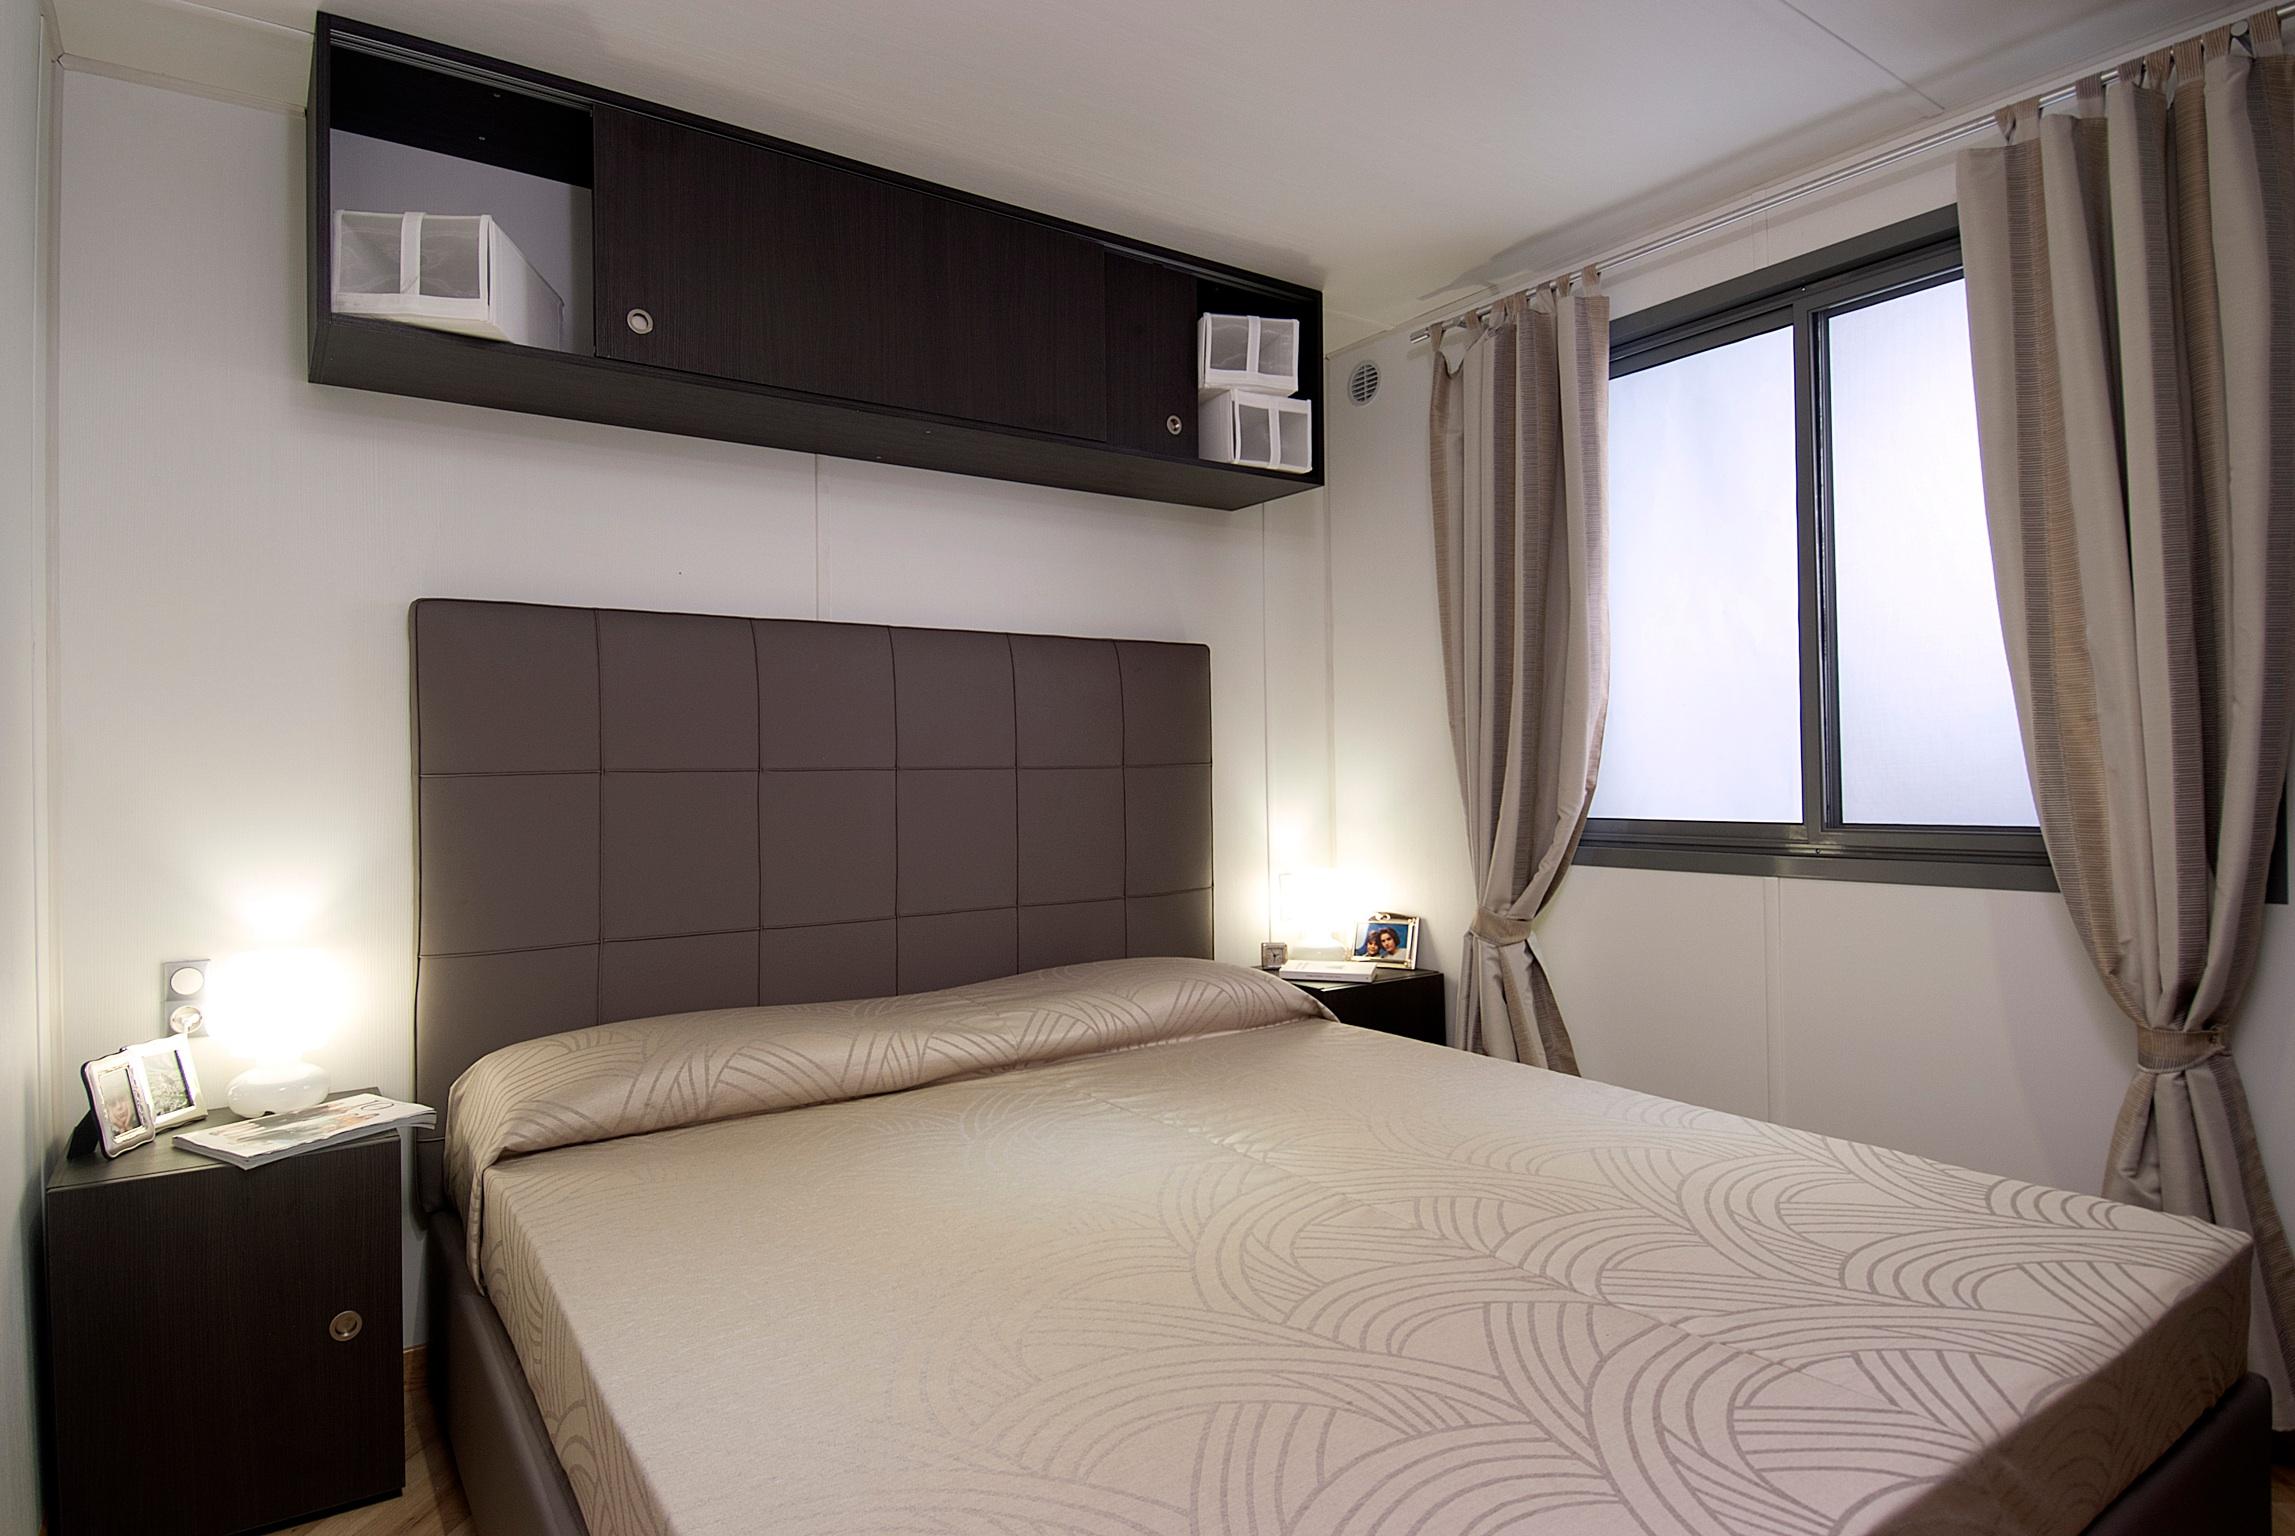 Chalet superior con 5 posti letto e terrazza camping - Mobile tv camera da letto ...